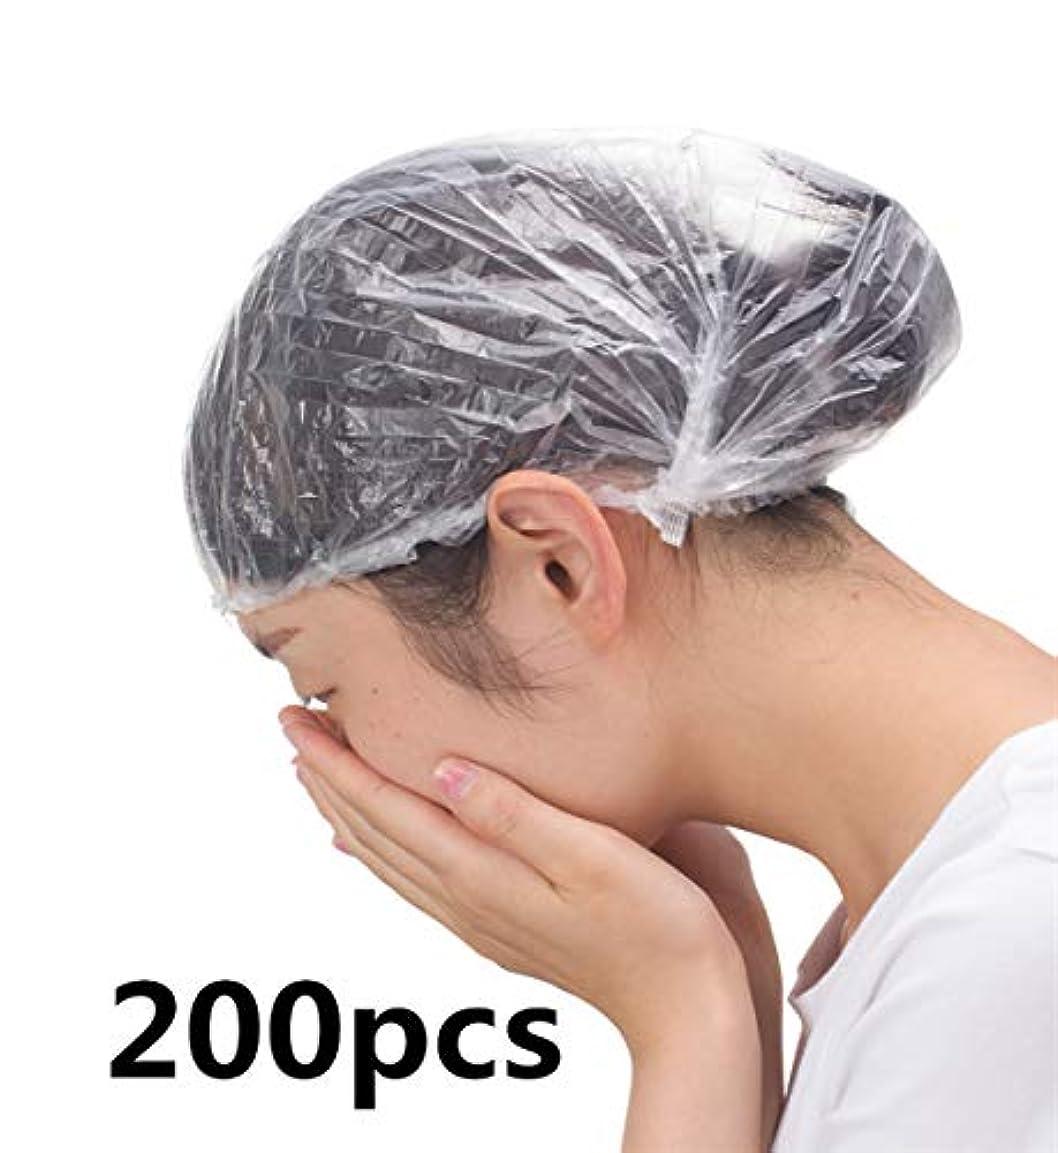 時代遅れ罹患率安定しましたANPHSIN 使い捨てキャップ-200個入り シャワーキャップ ヘアカバー 水浴 帽子 衛生キャップ 二重ゴムバンド ジャバラ型 厚手タイプ ビニール 毛染め パーマカラーリング 防水 透明 お風呂用 毛髪防止 男女兼用...